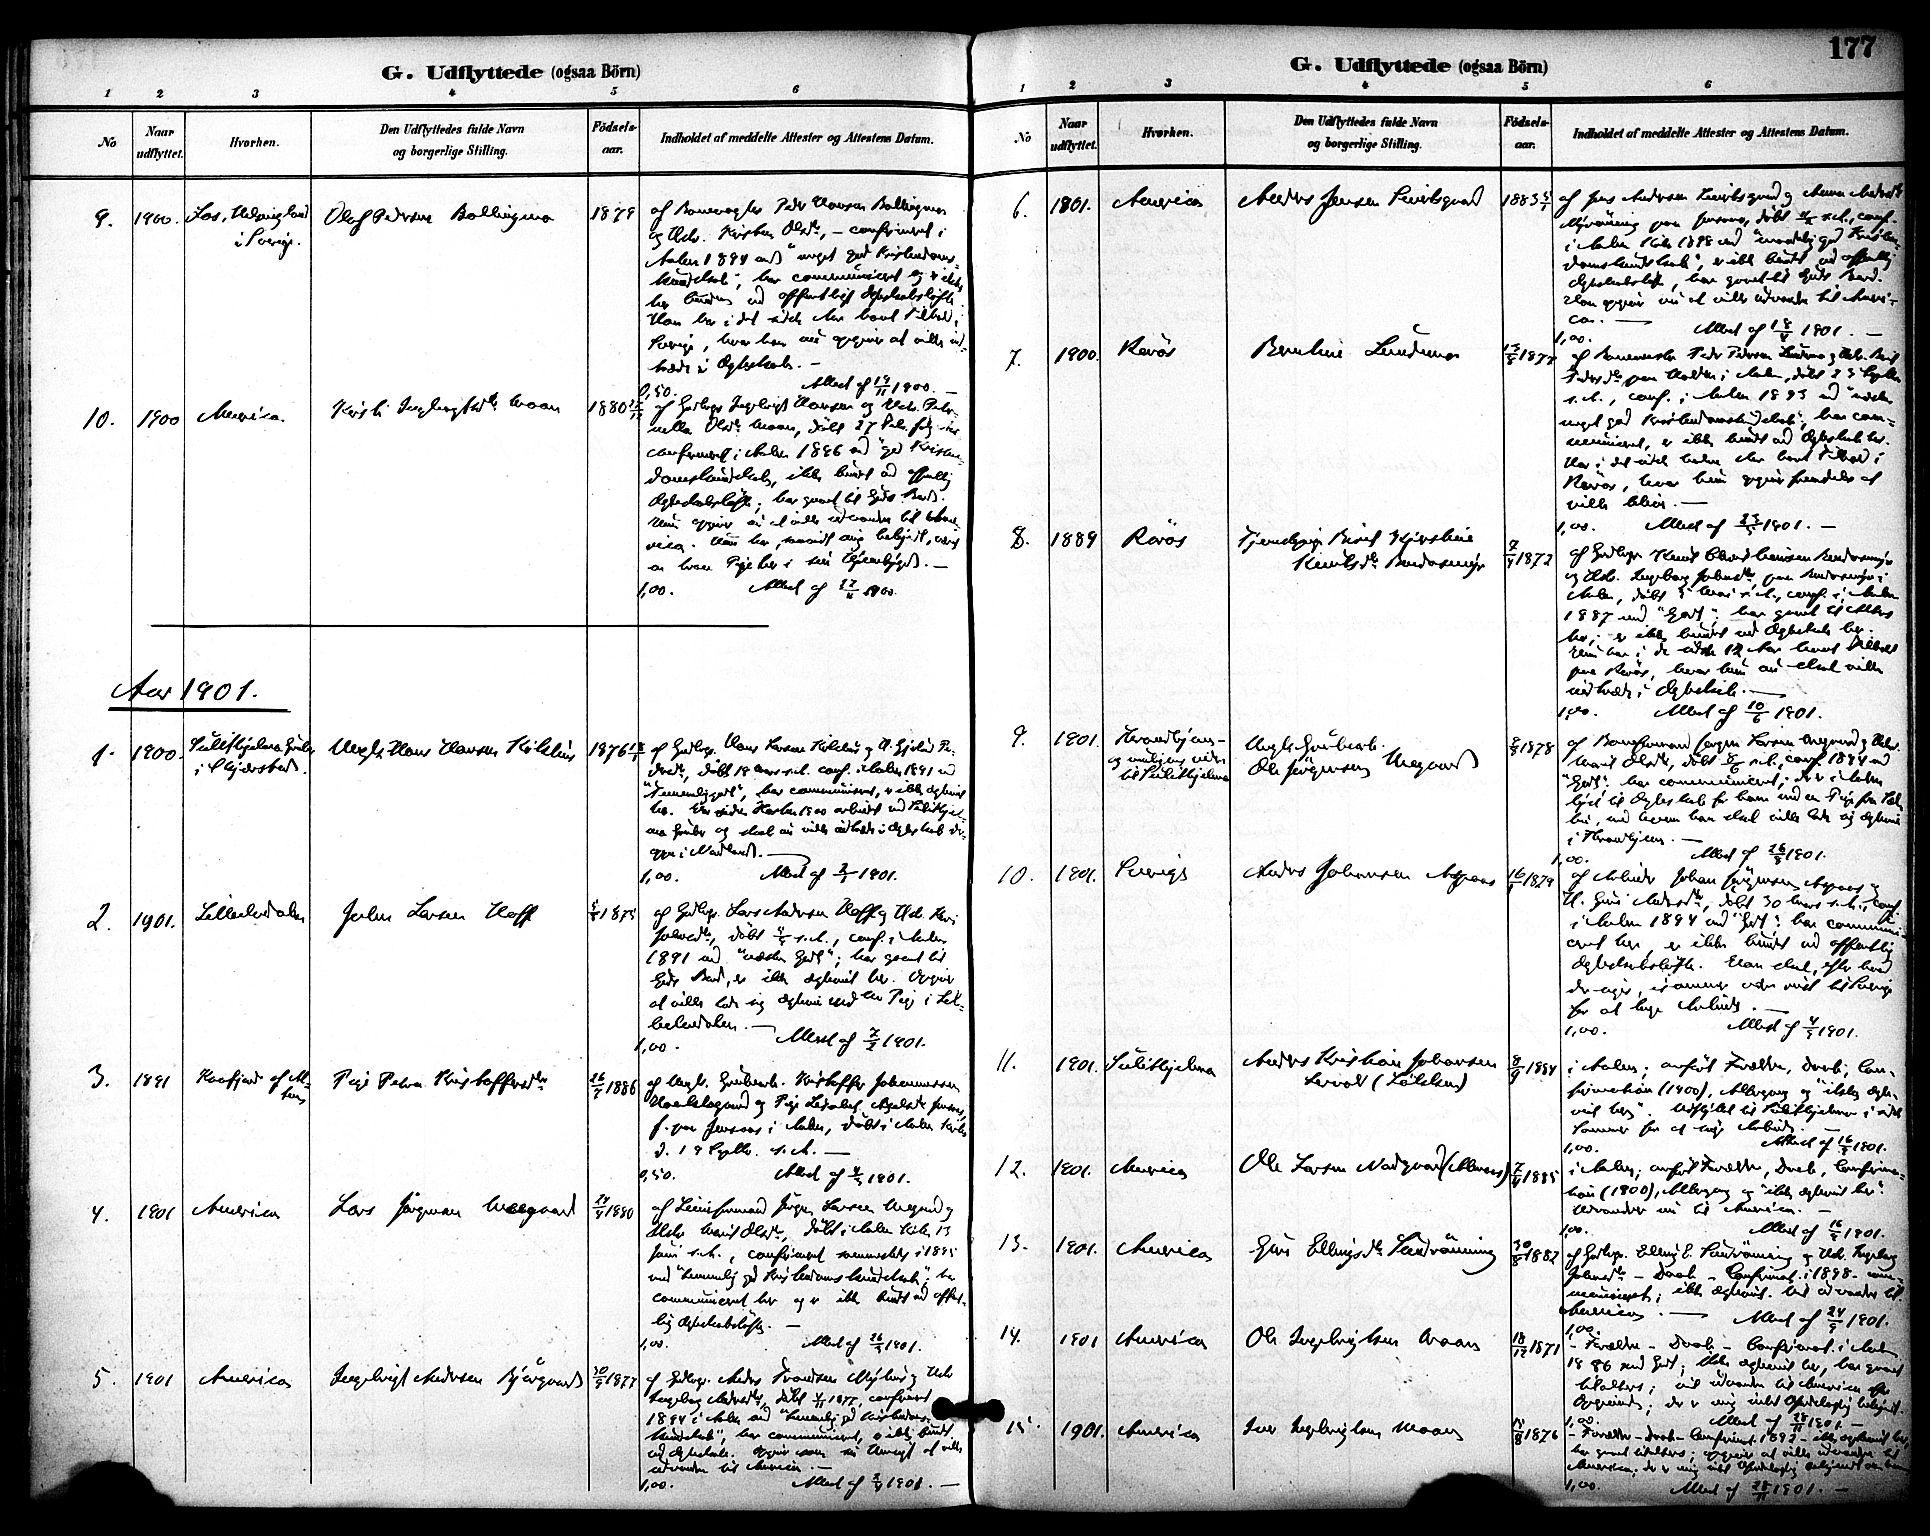 SAT, Ministerialprotokoller, klokkerbøker og fødselsregistre - Sør-Trøndelag, 686/L0984: Ministerialbok nr. 686A02, 1891-1906, s. 177